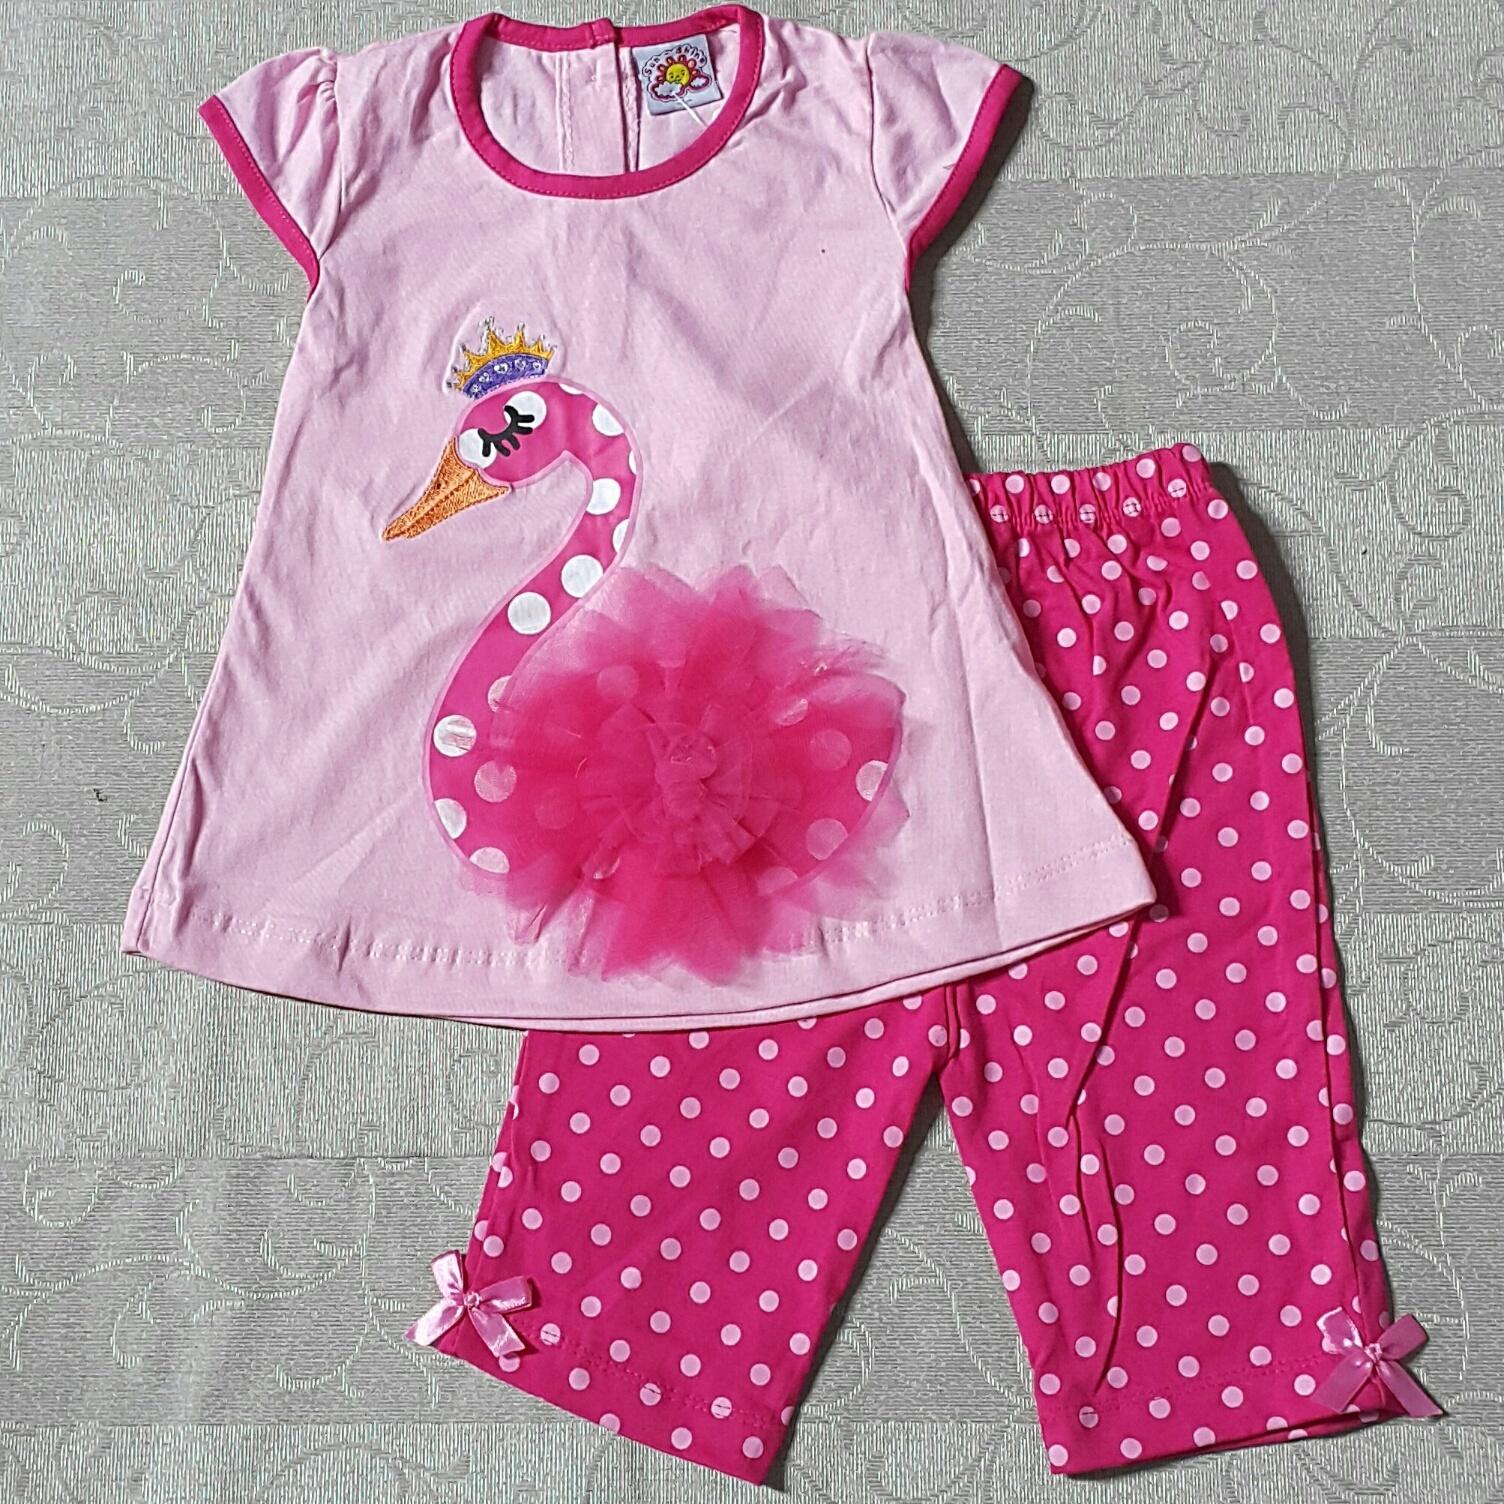 Jual baju setelan anak bayi baby perempuan kaos branded murah ... 4bb8457dcf